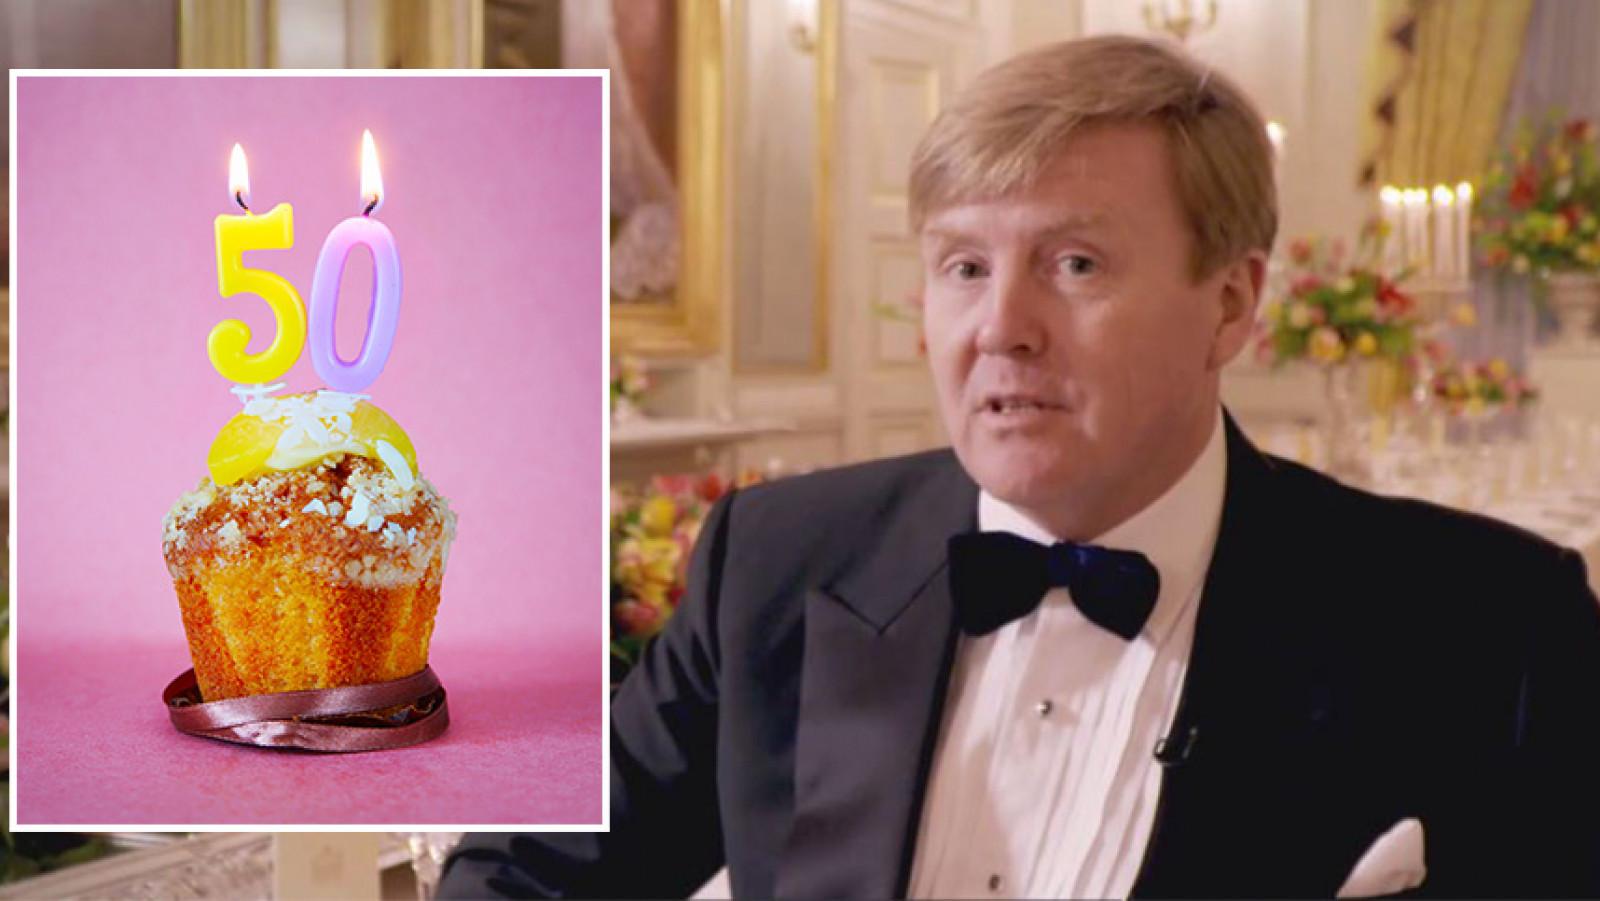 Koning Willem Alexander Dineert Op 50e Verjaardag Met Jarige